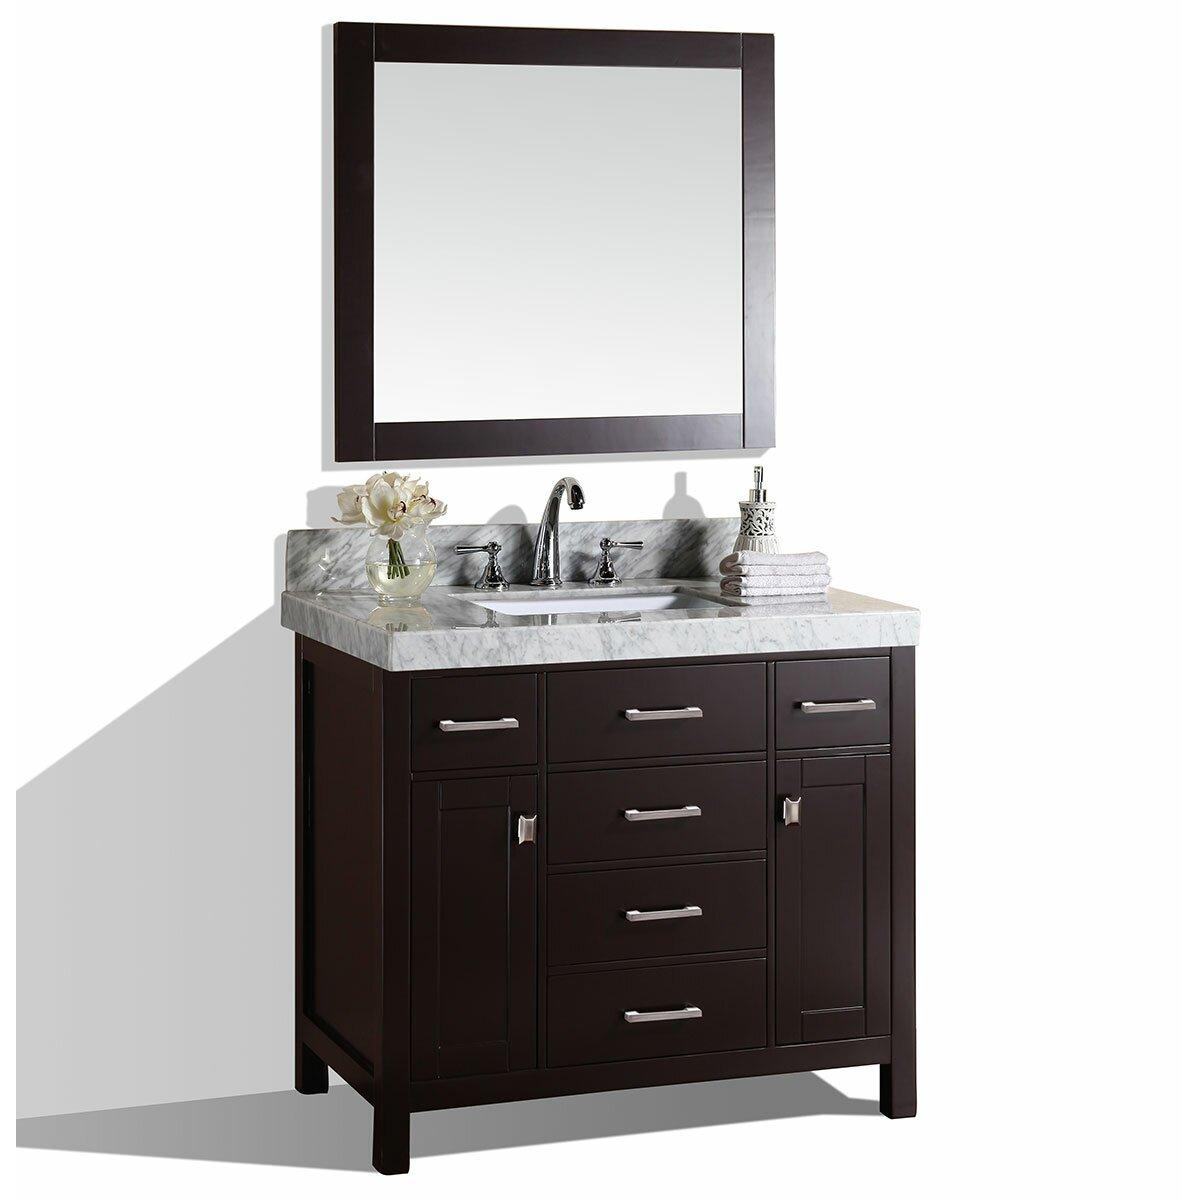 Pacificcollection malibu 41 single modern bathroom vanity - Contemporary bathroom vanity sets ...